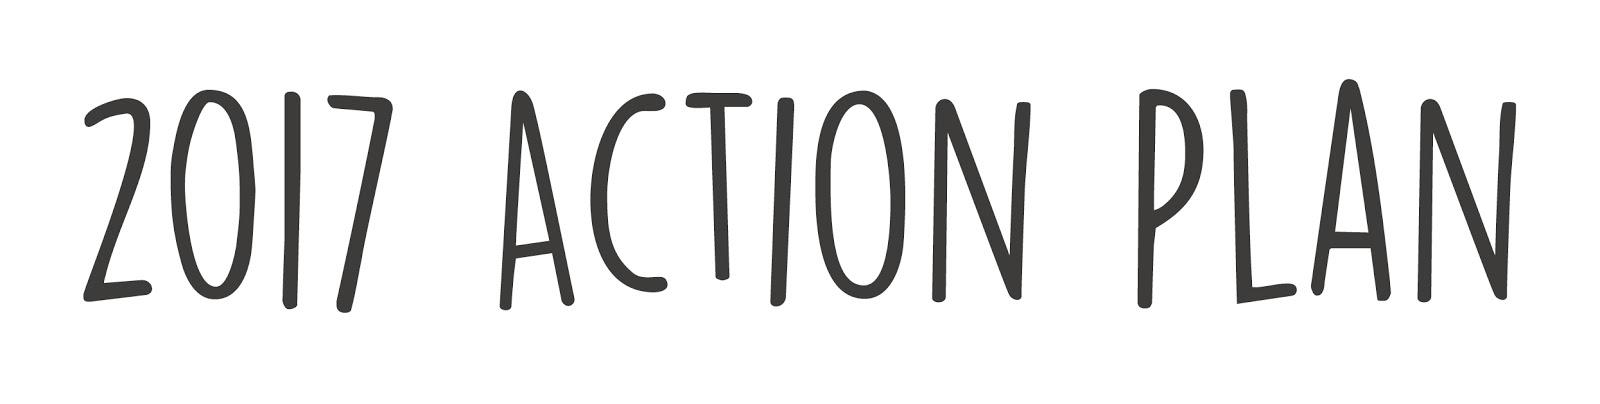 2017 Action Plan